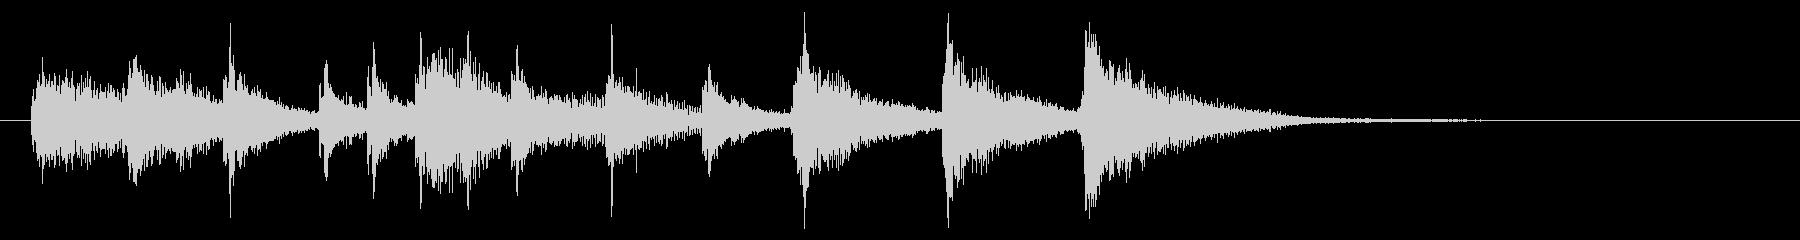 和風1 ゲームクリアの未再生の波形